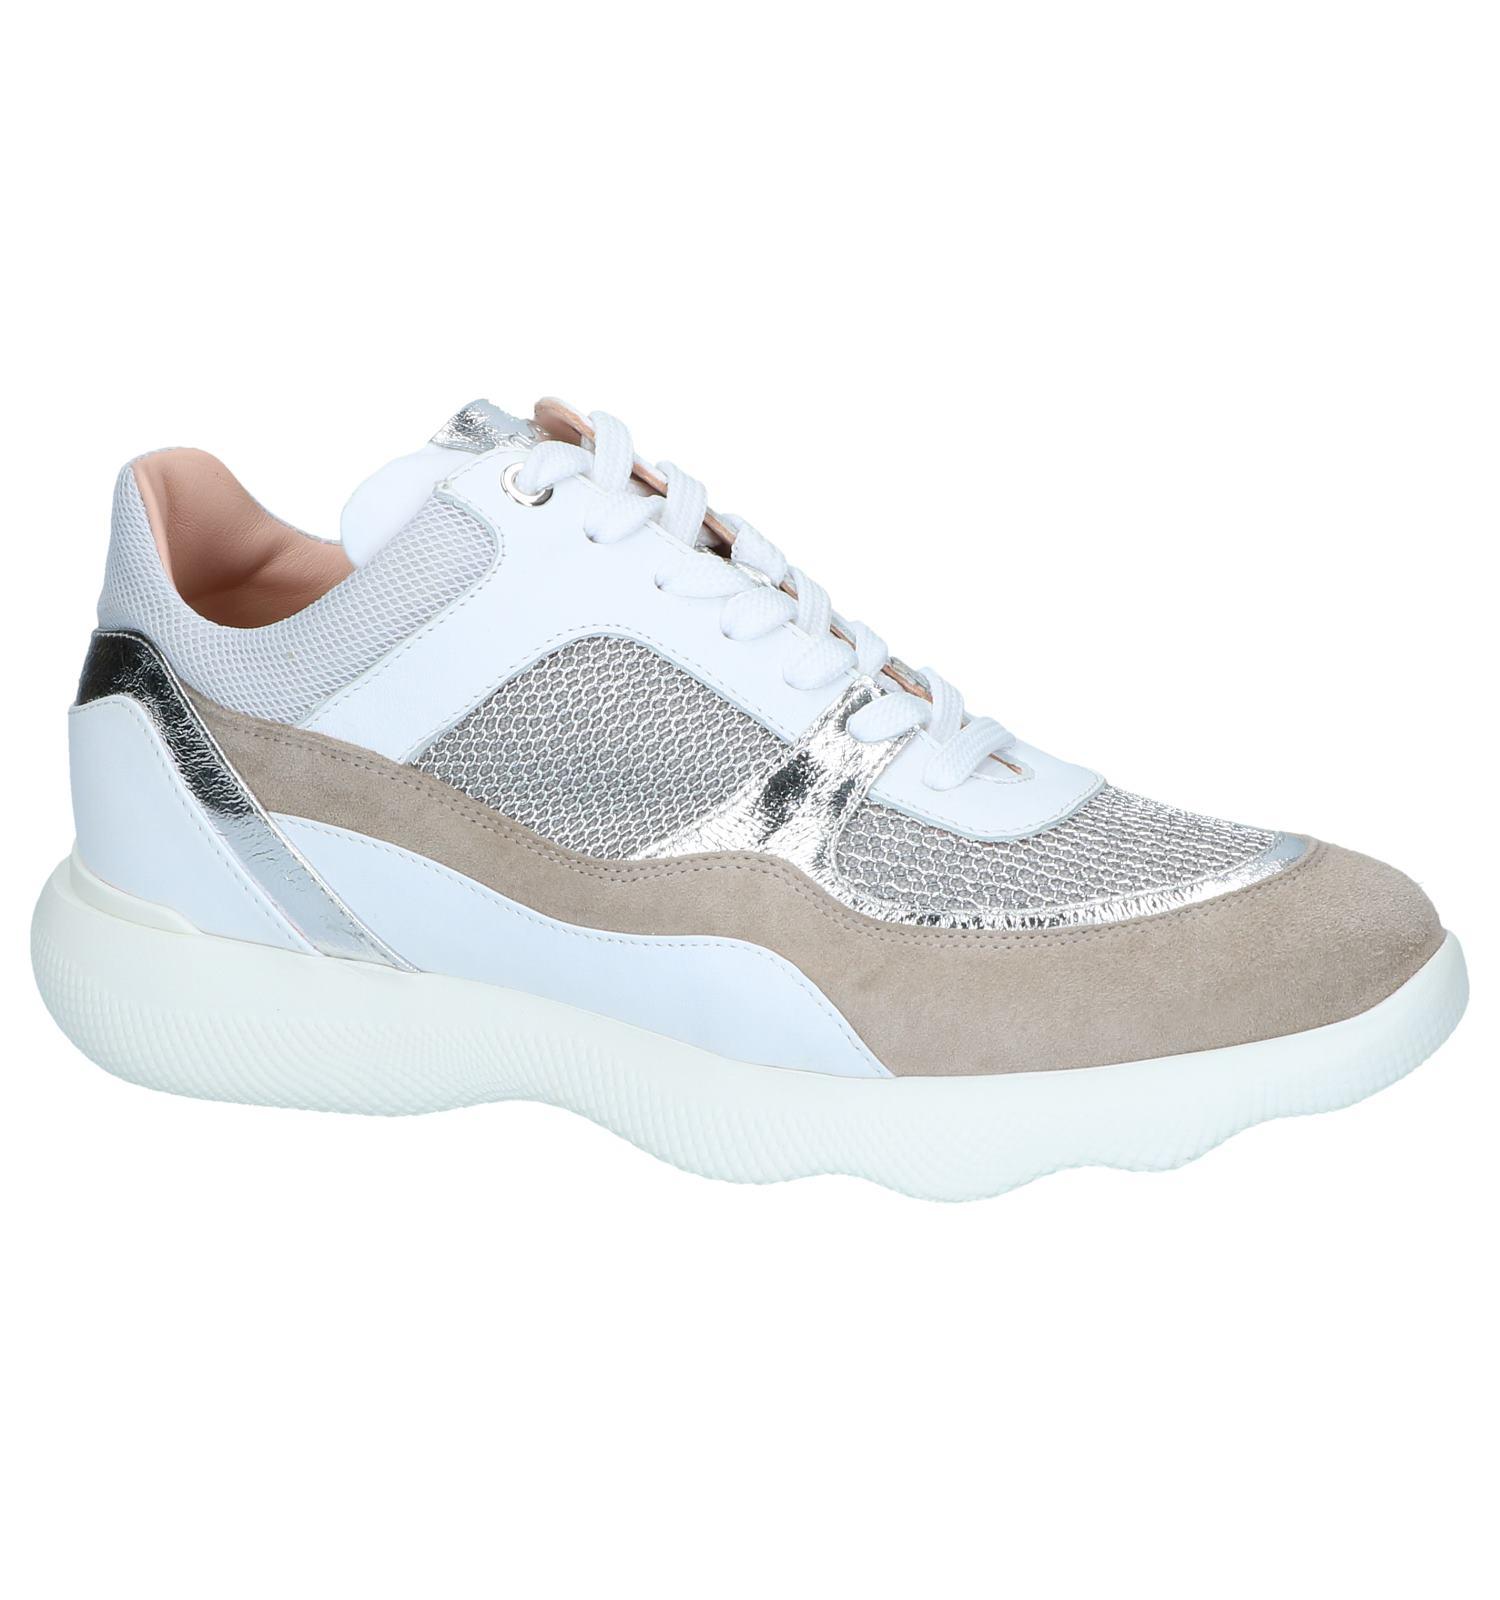 Witte Lage Sneakers Unisa | SCHOENENTORFS.NL | Gratis verzend en retour